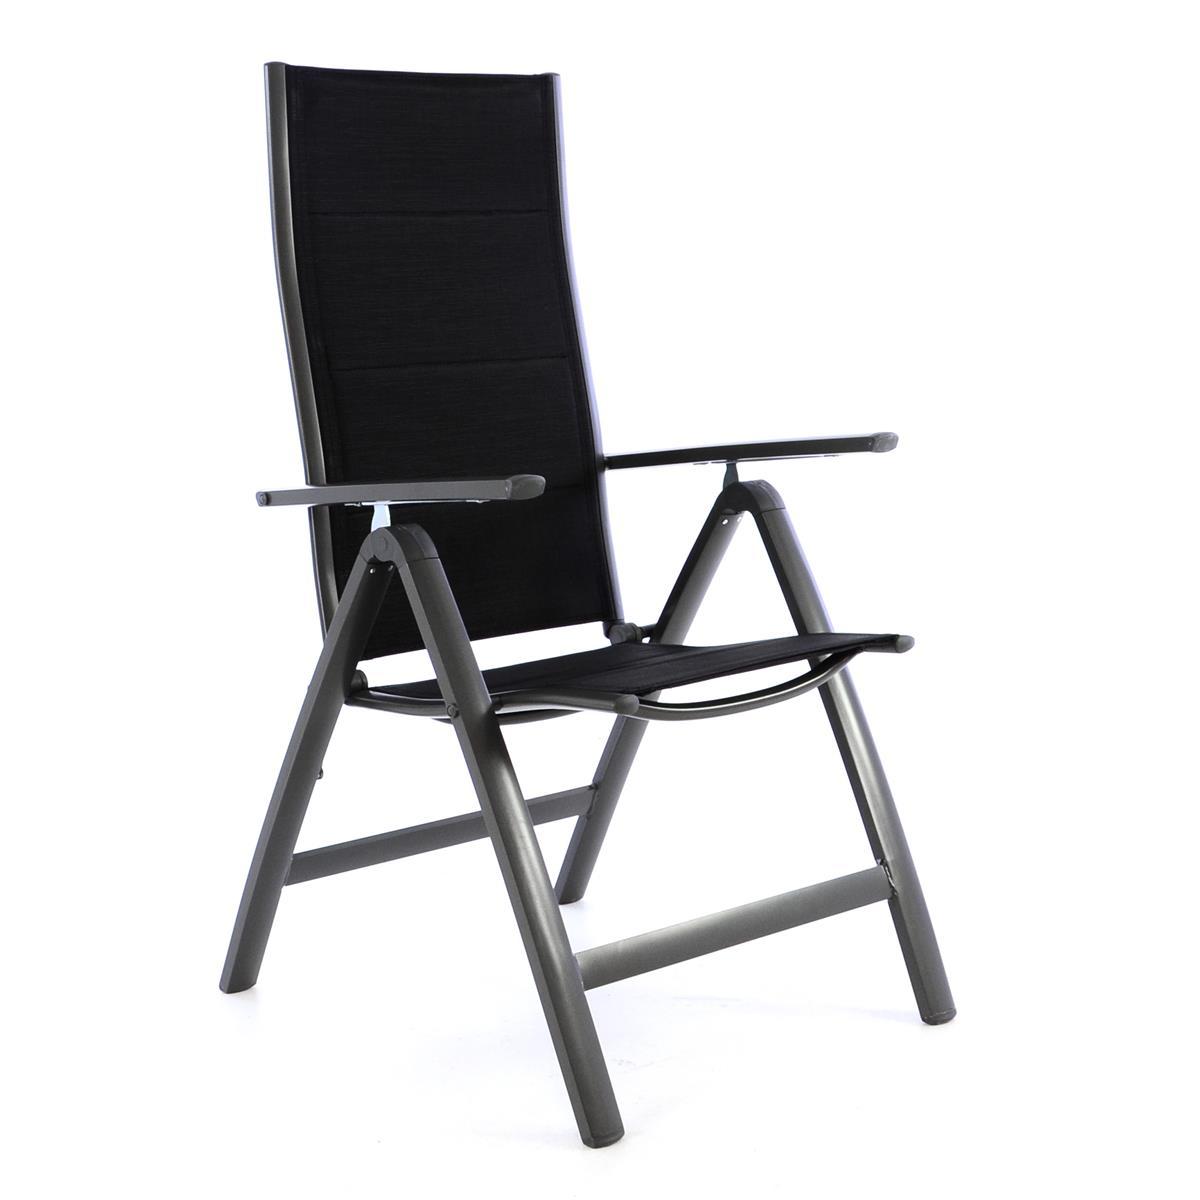 Deluxe Alu Klappstuhl gepolstert Textilene schwarz Rahmen dunkelgrau Gartenstuhl